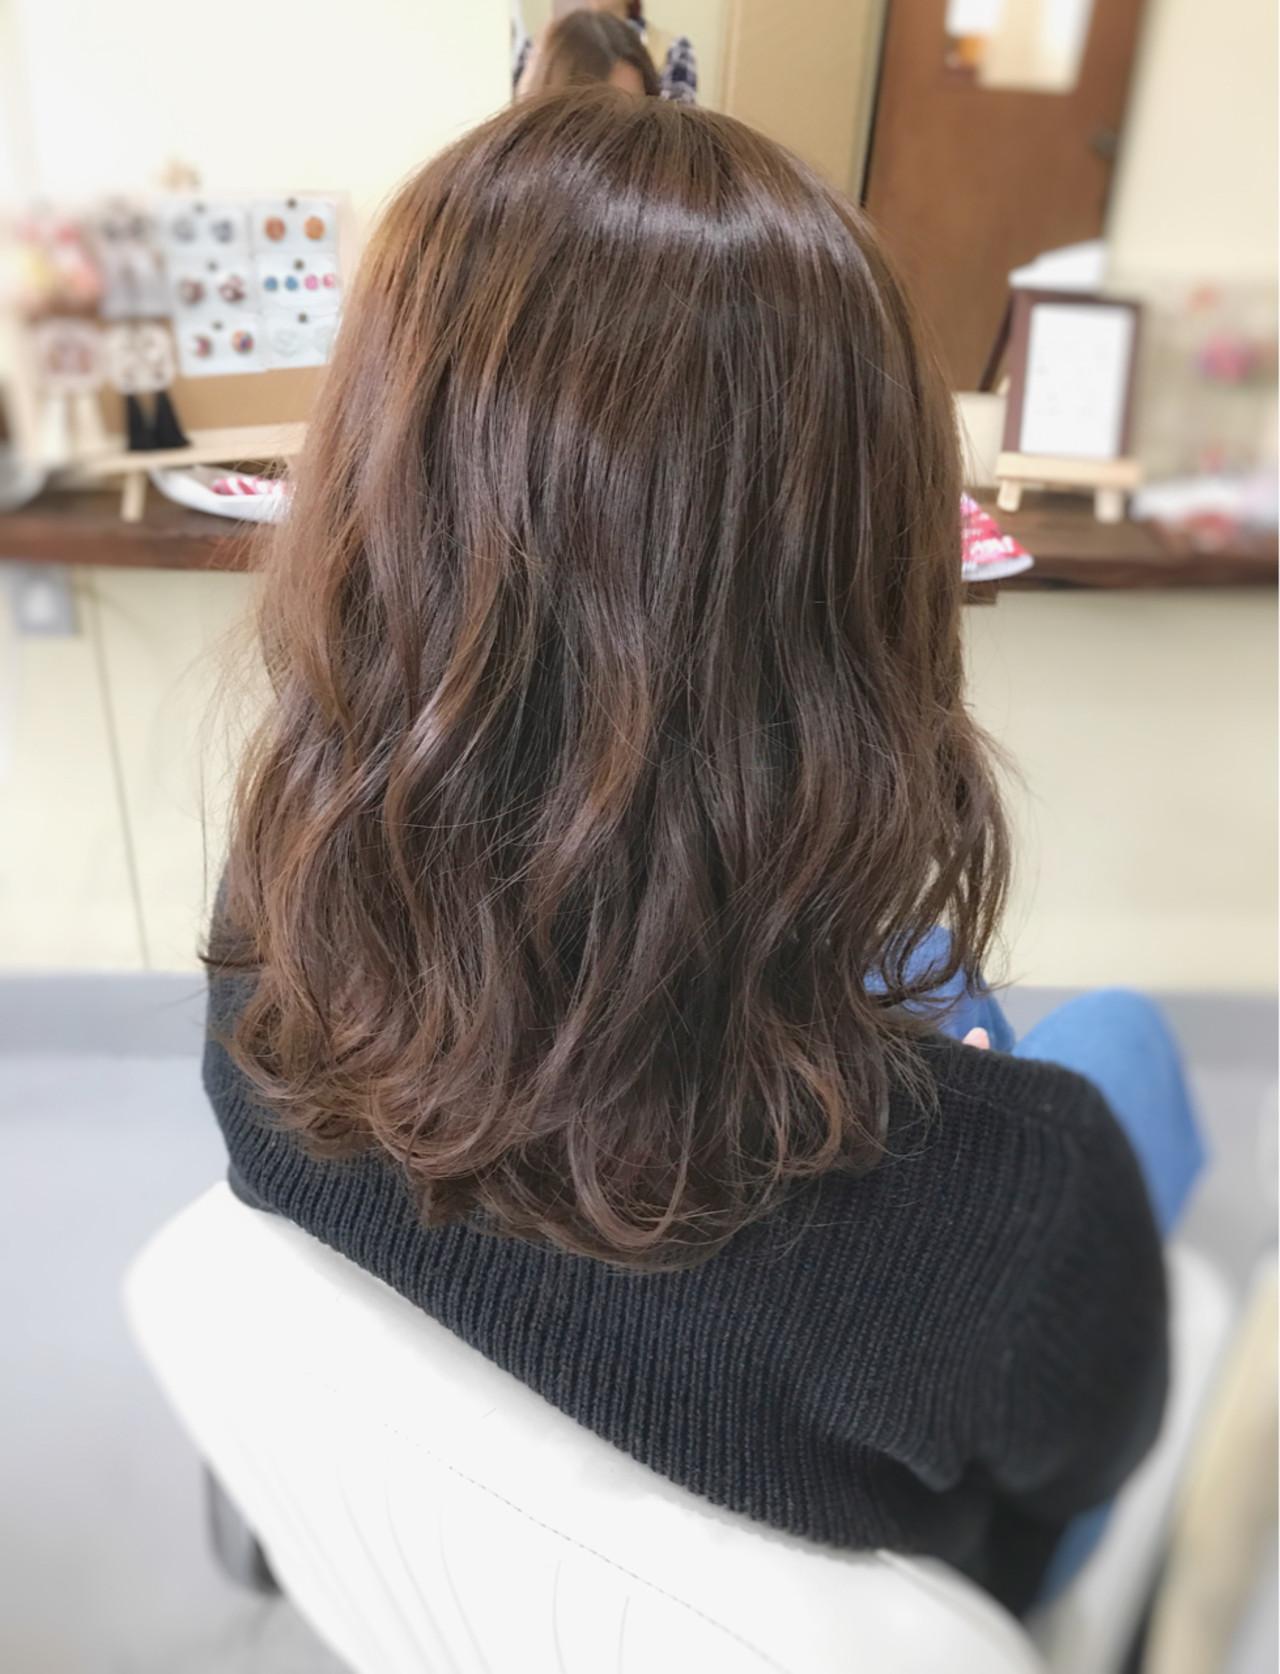 ミディアム 大人女子 フェミニン こなれ感 ヘアスタイルや髪型の写真・画像 | サワ / Seamu